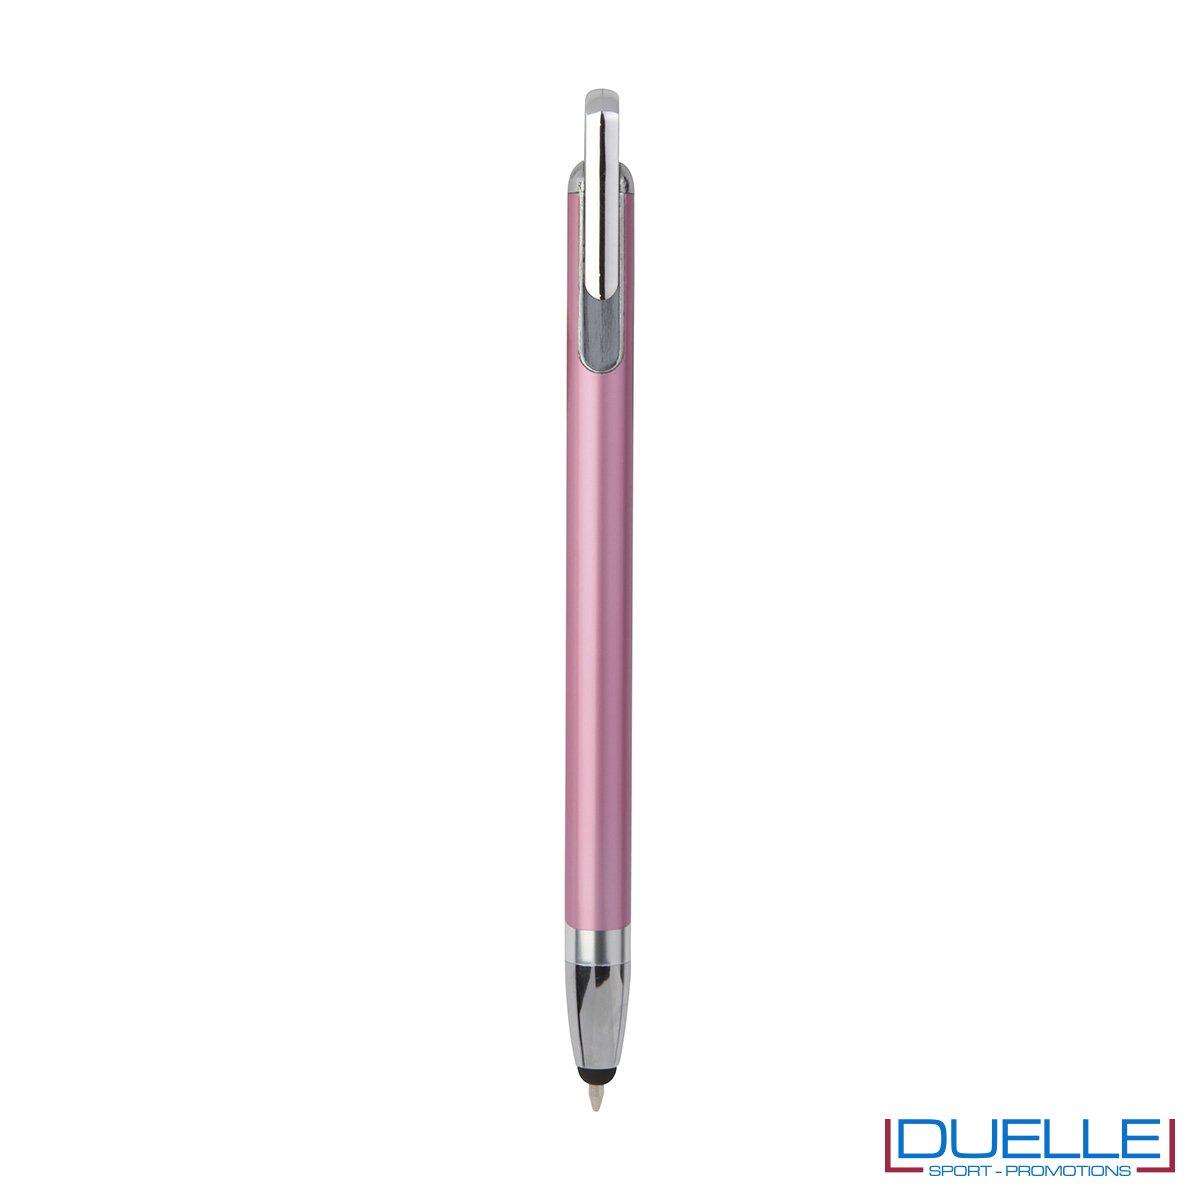 Penna touch screen con fusto interamente in metallo e puntale in plastica colore rosa